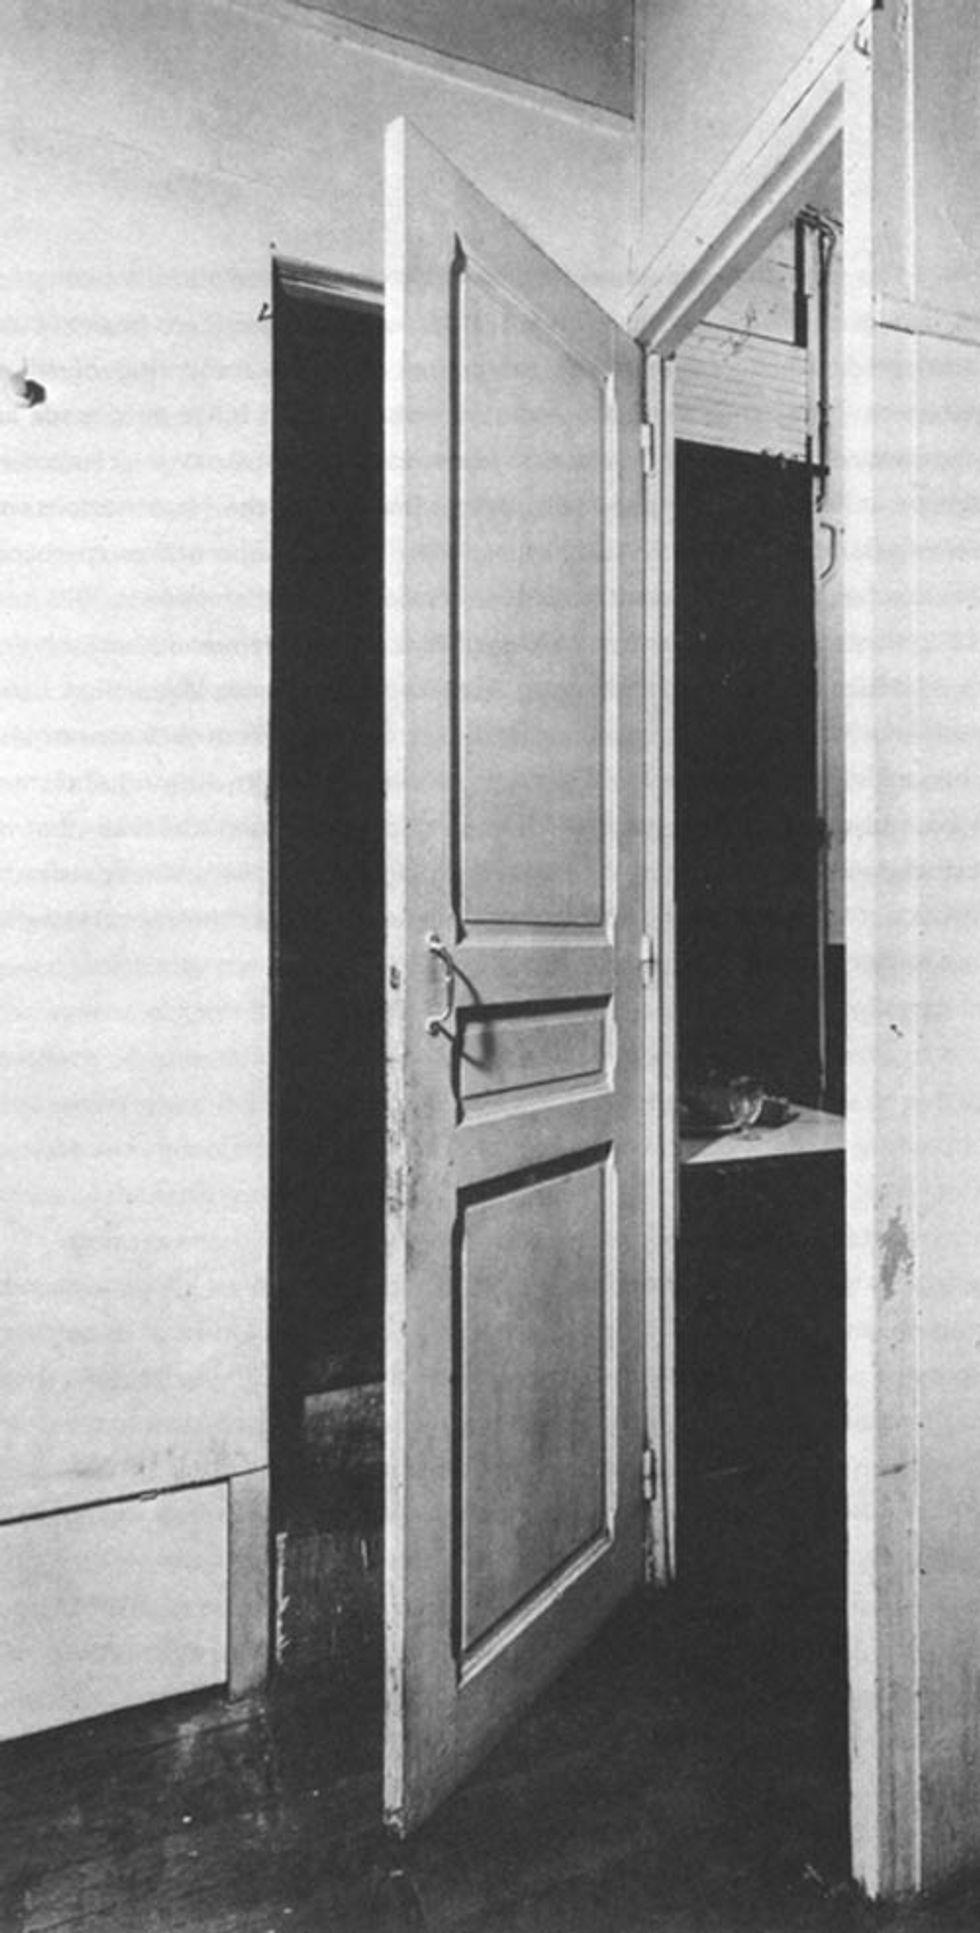 «La puntura al cuore» contro le torture sepolcrali e il desiderio di Kafka della morte apparente